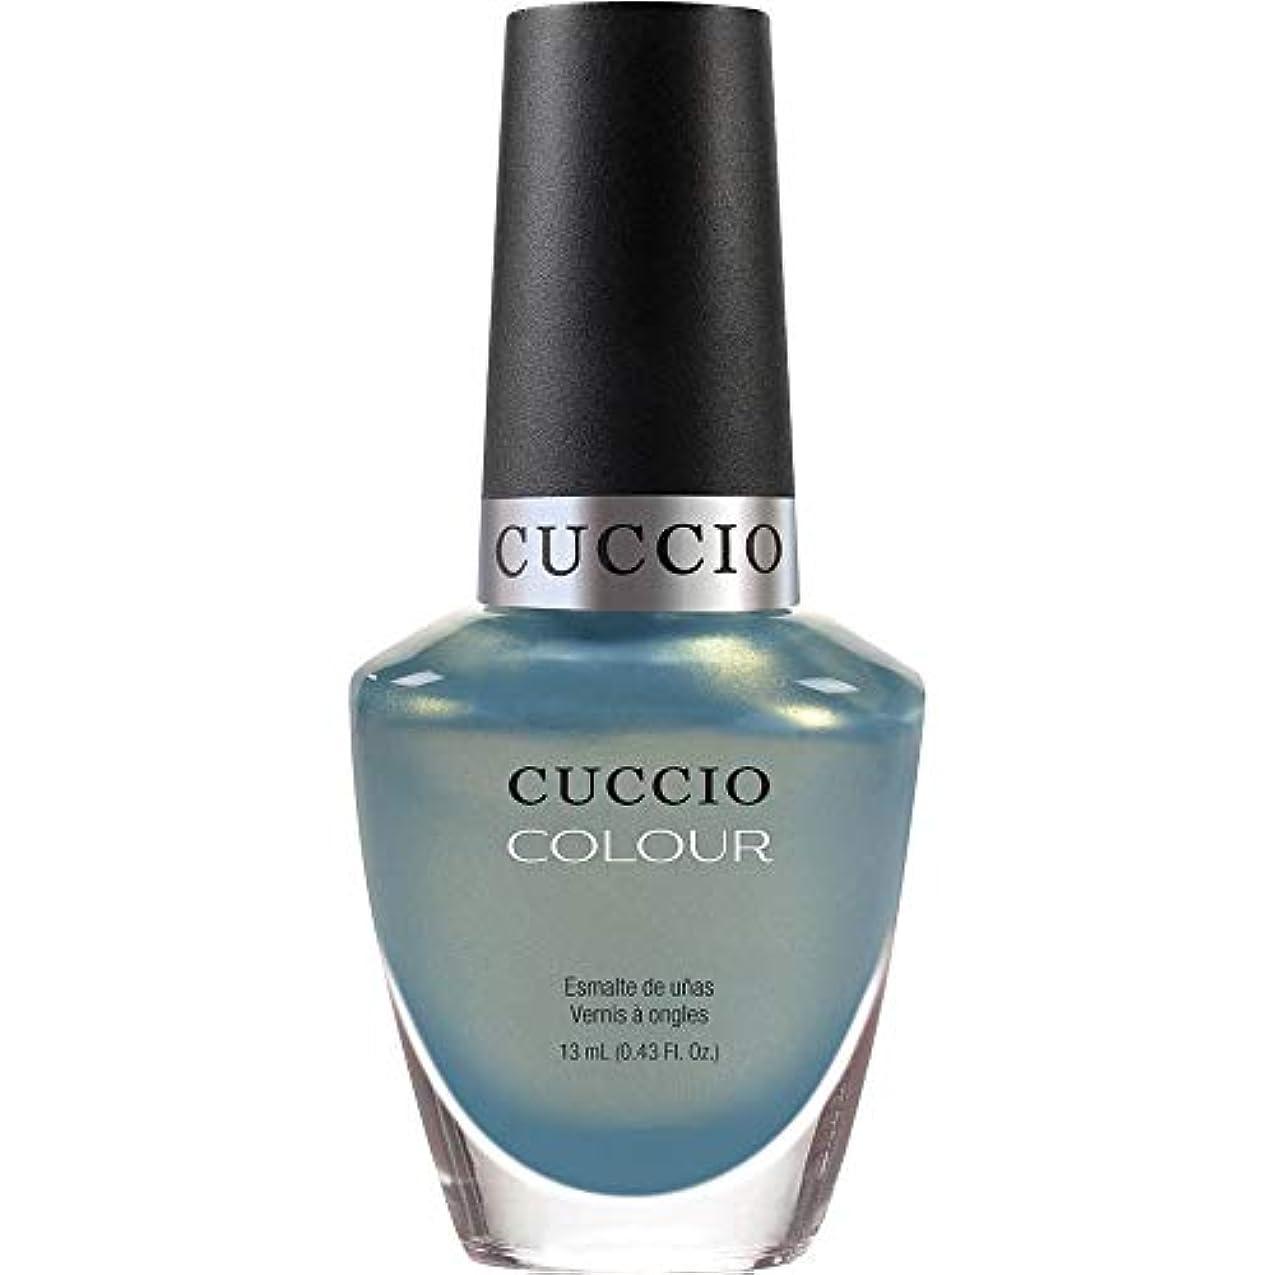 補償回想主張するCuccio Colour Gloss Lacquer - Shore Thing - 0.43oz / 13ml